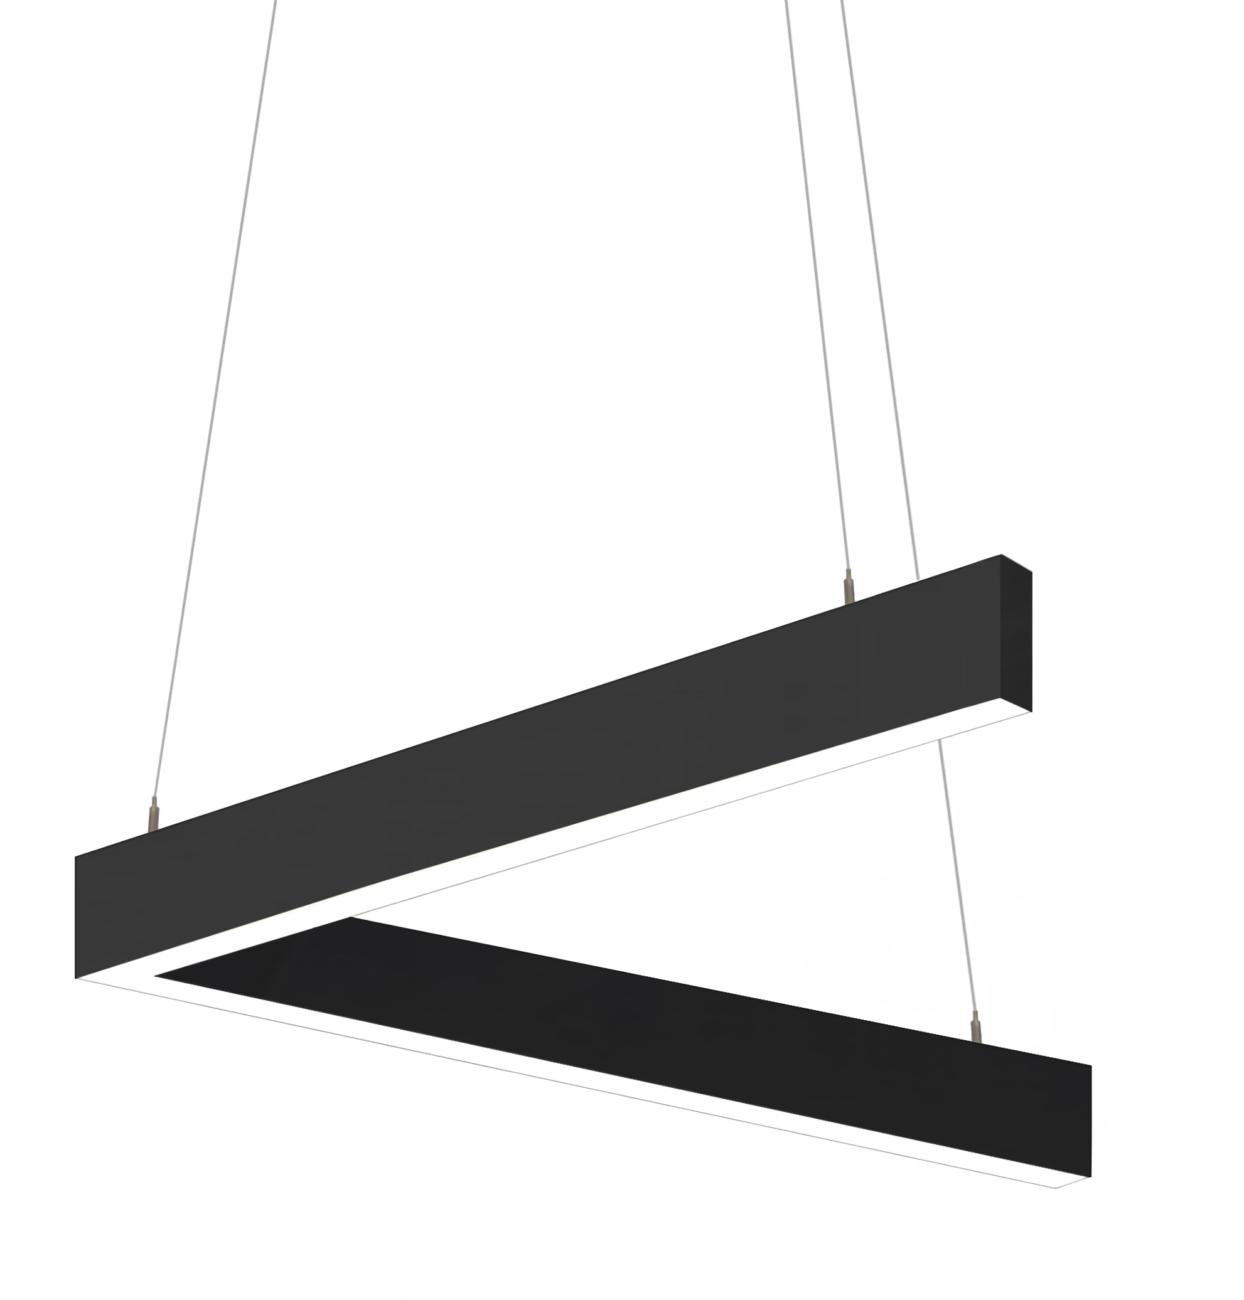 Светильник Style-5070. 1000×1500мм. 4000К/3000К. 43W/90W купить во Владимире